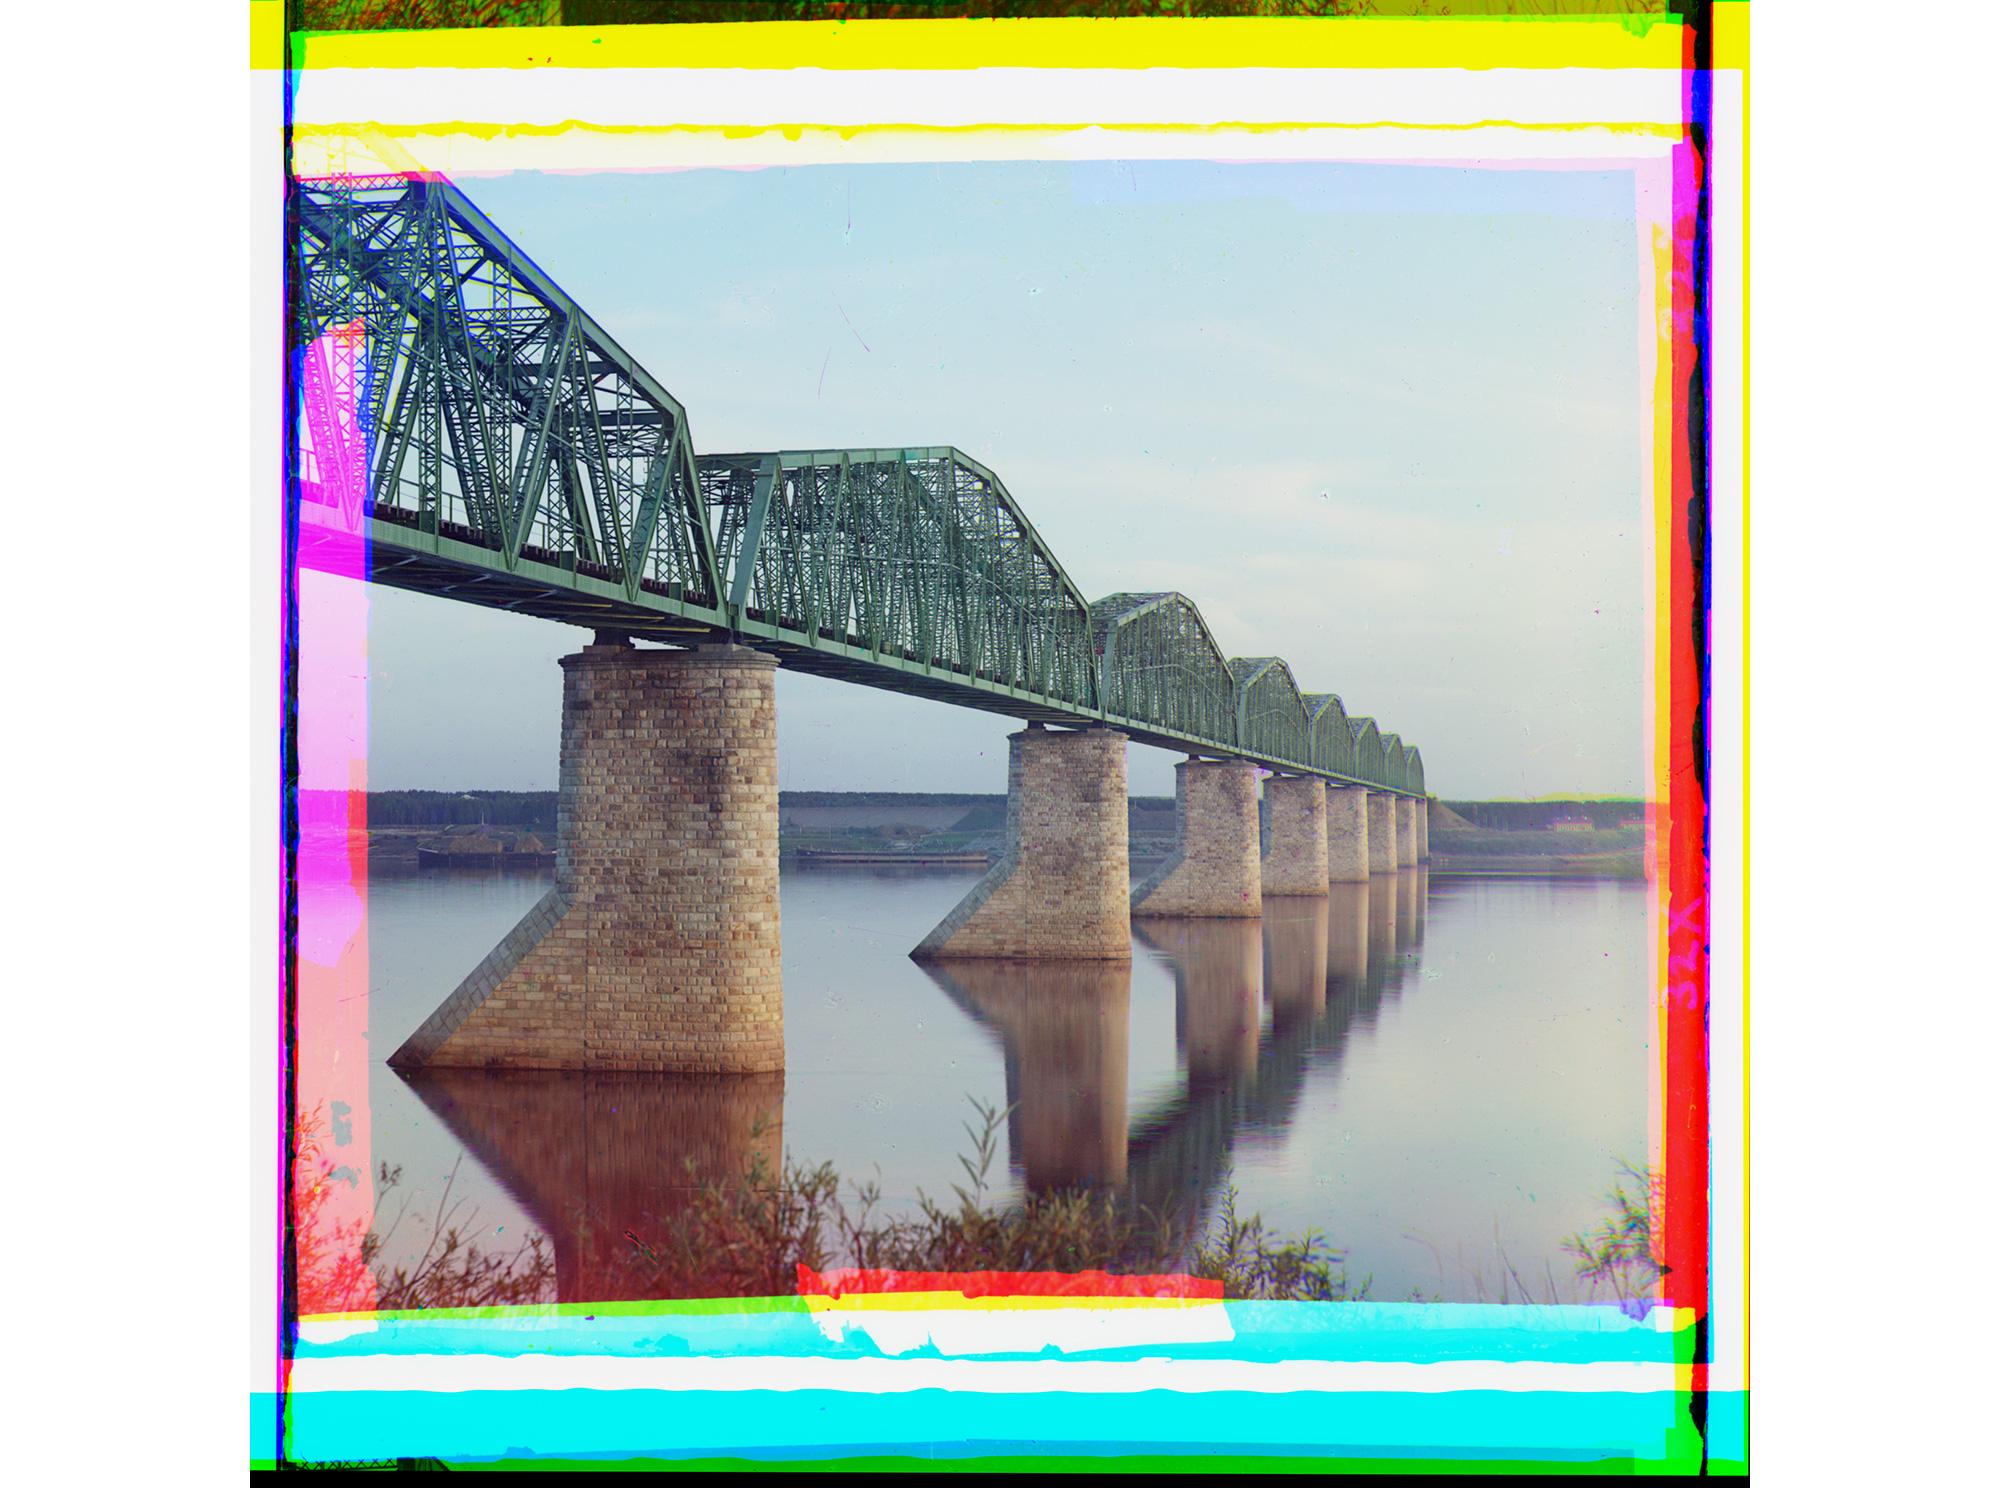 Brücke der Transsibirischen Eisenbahnlinie über den Fluss Kama nahe Perm am Ural, 1910